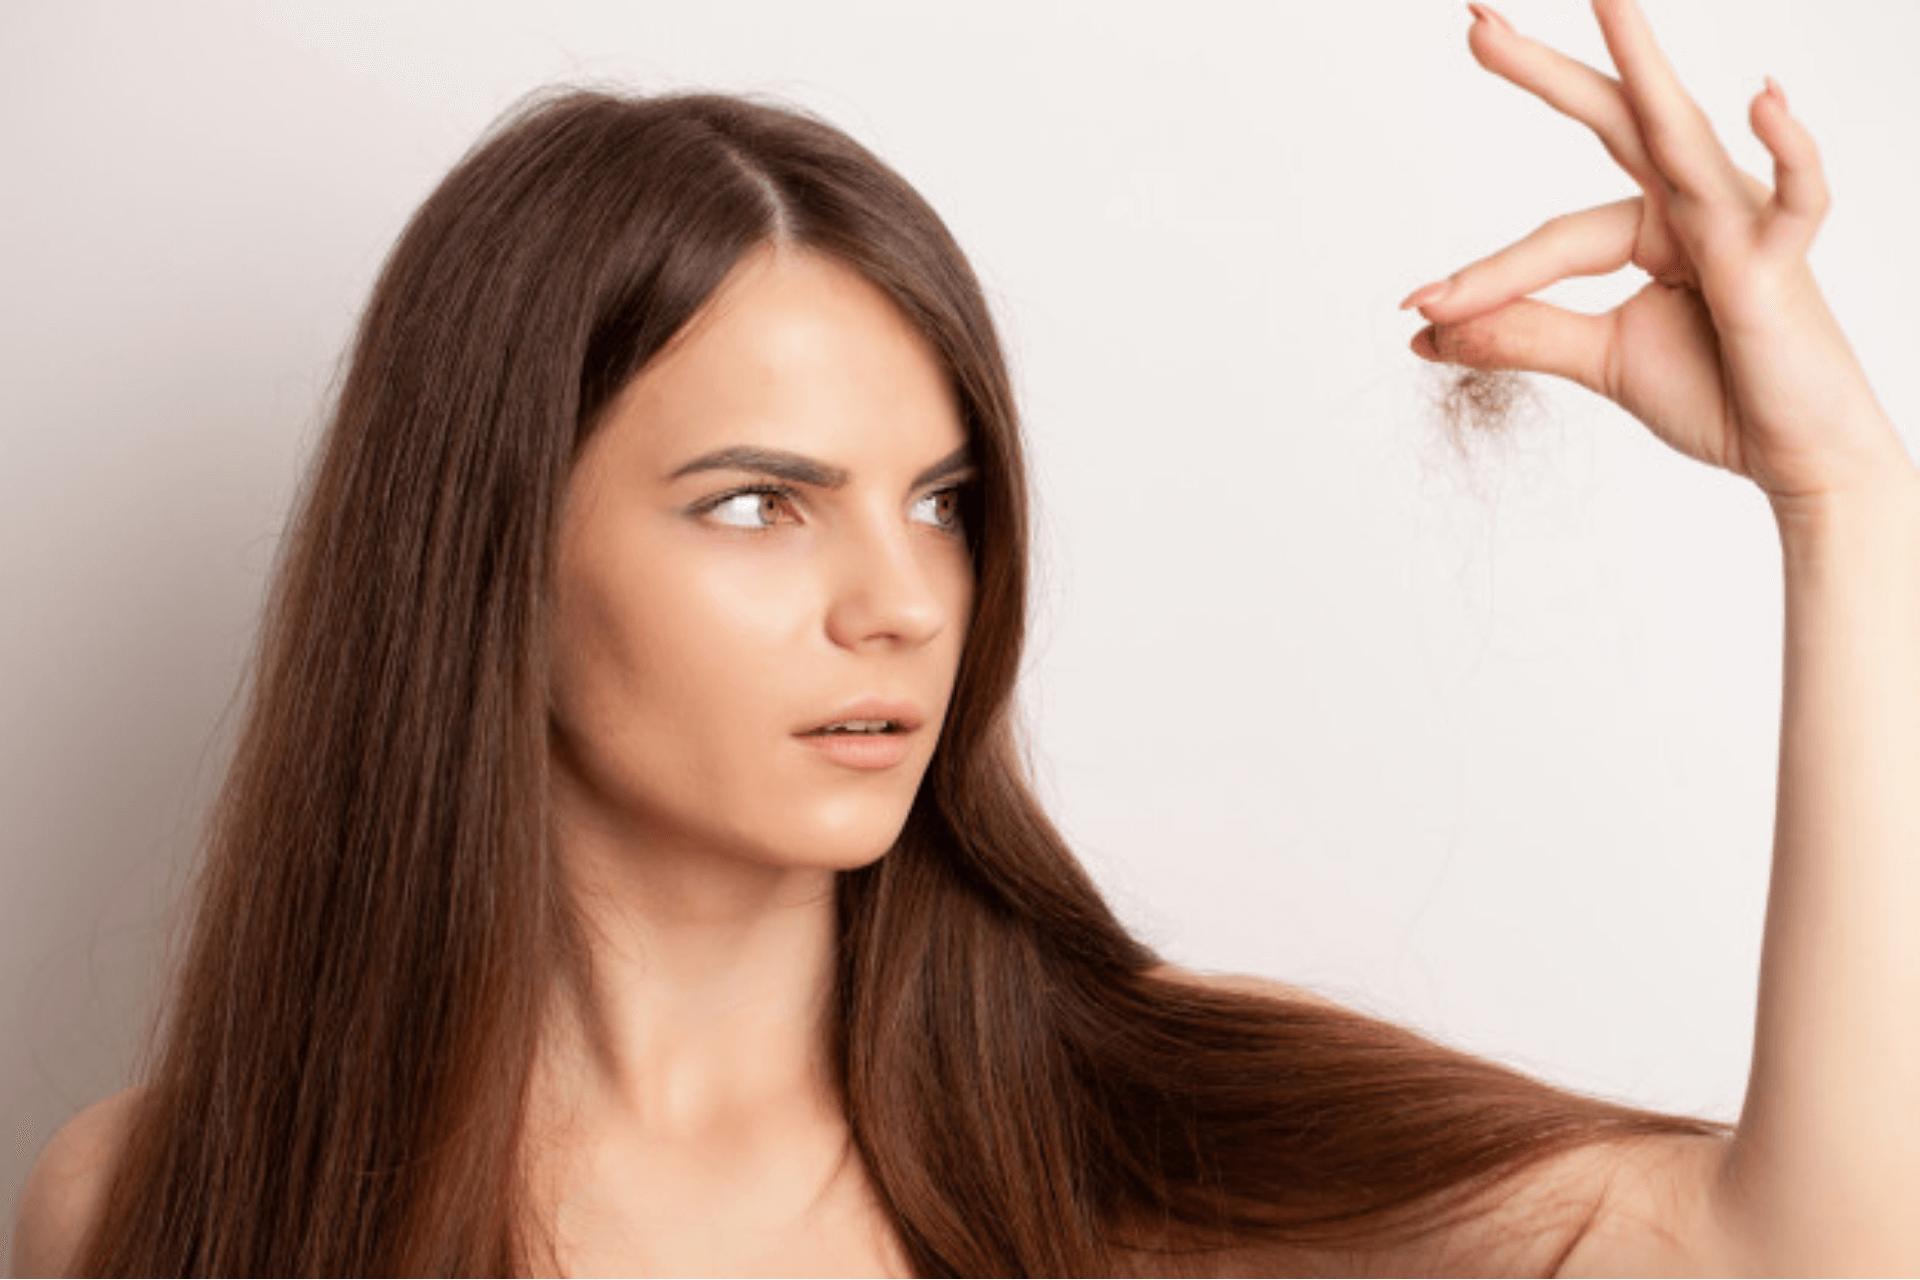 Queda de Cabelo: Saiba o que causa e como tratar com 10 dicas